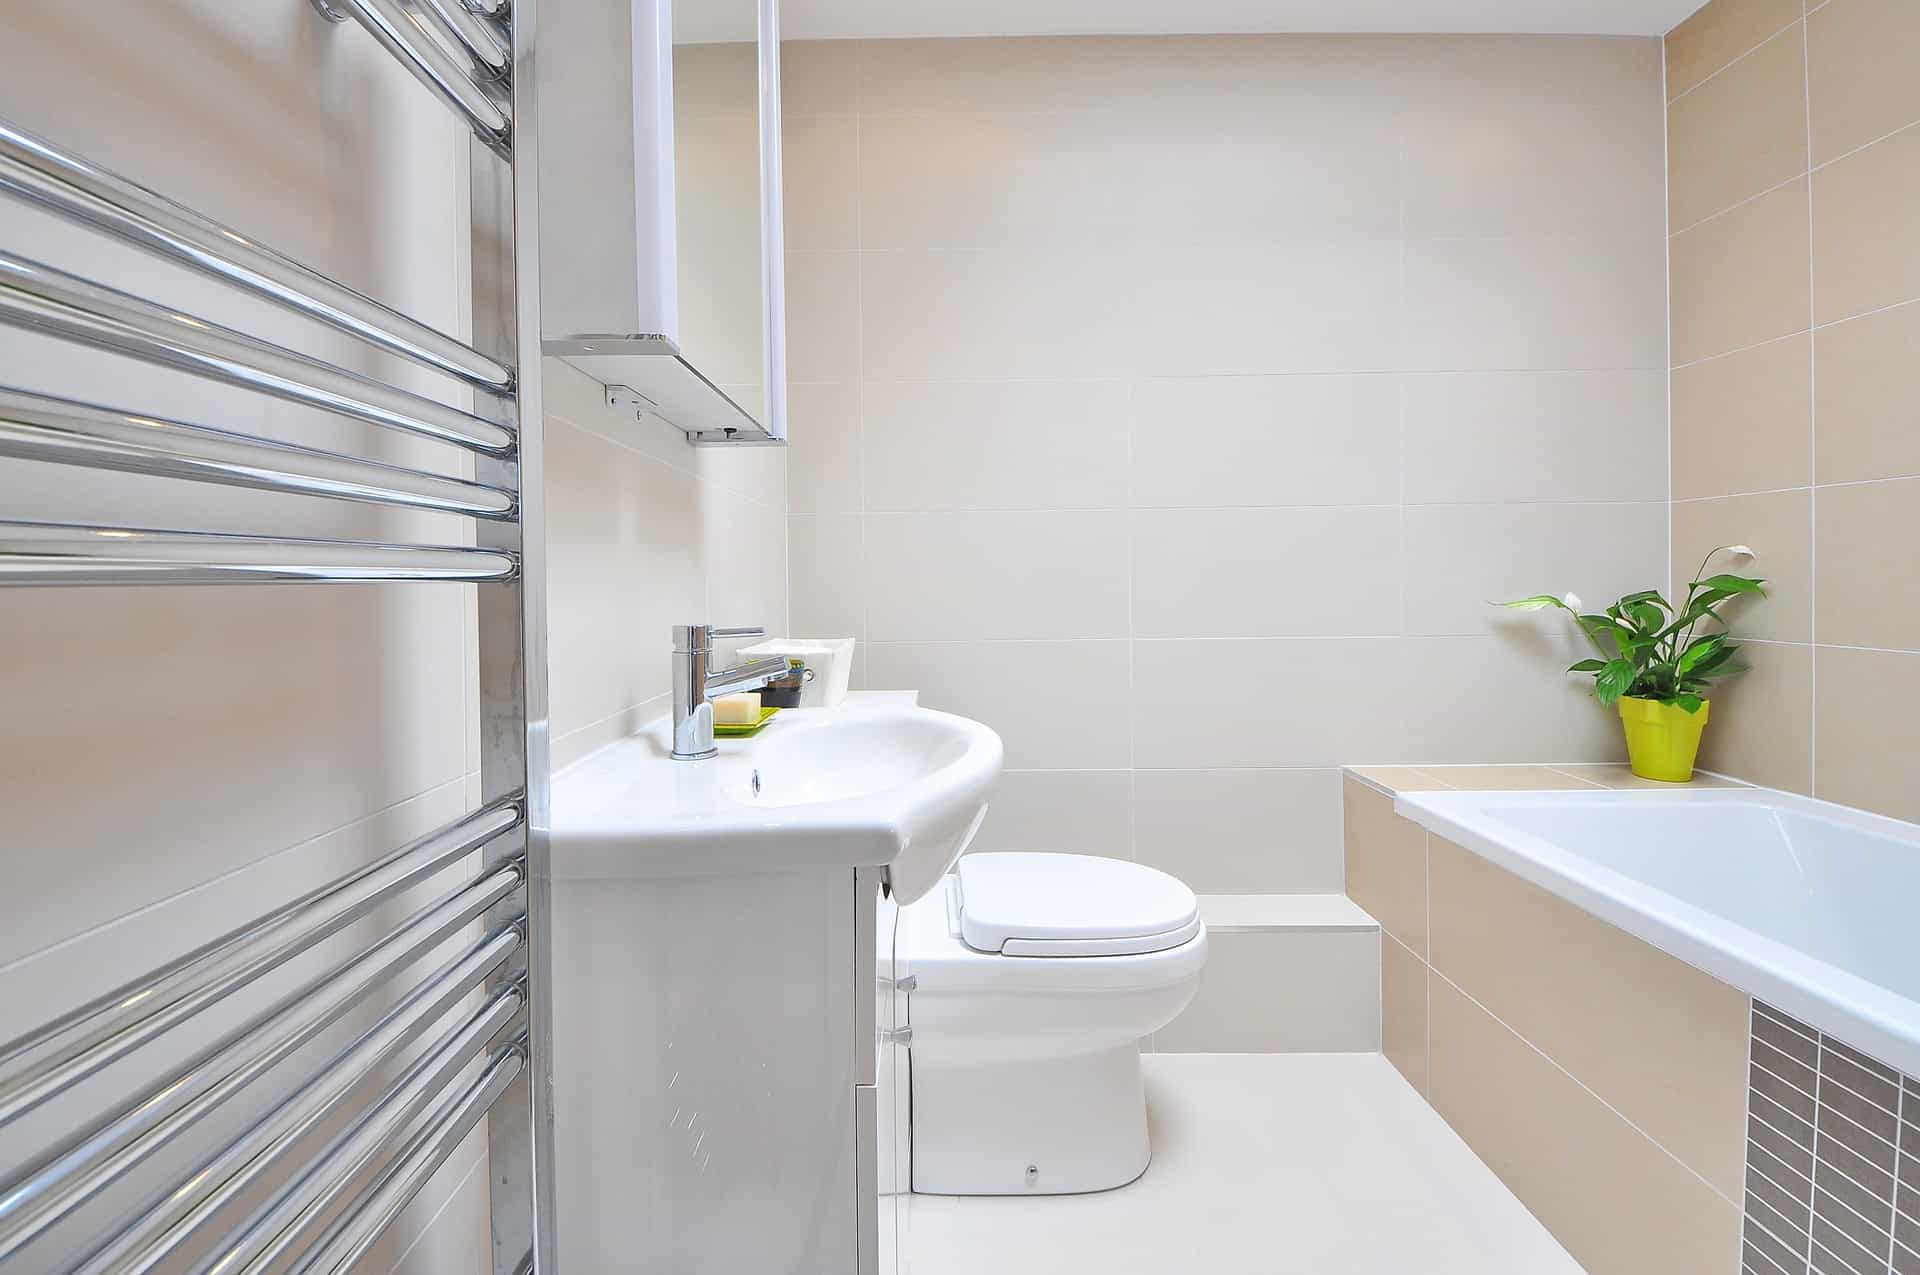 Palm Desert Bathroom Remodeling Contractors Bath Remodel Design - Bathroom remodel palm desert ca